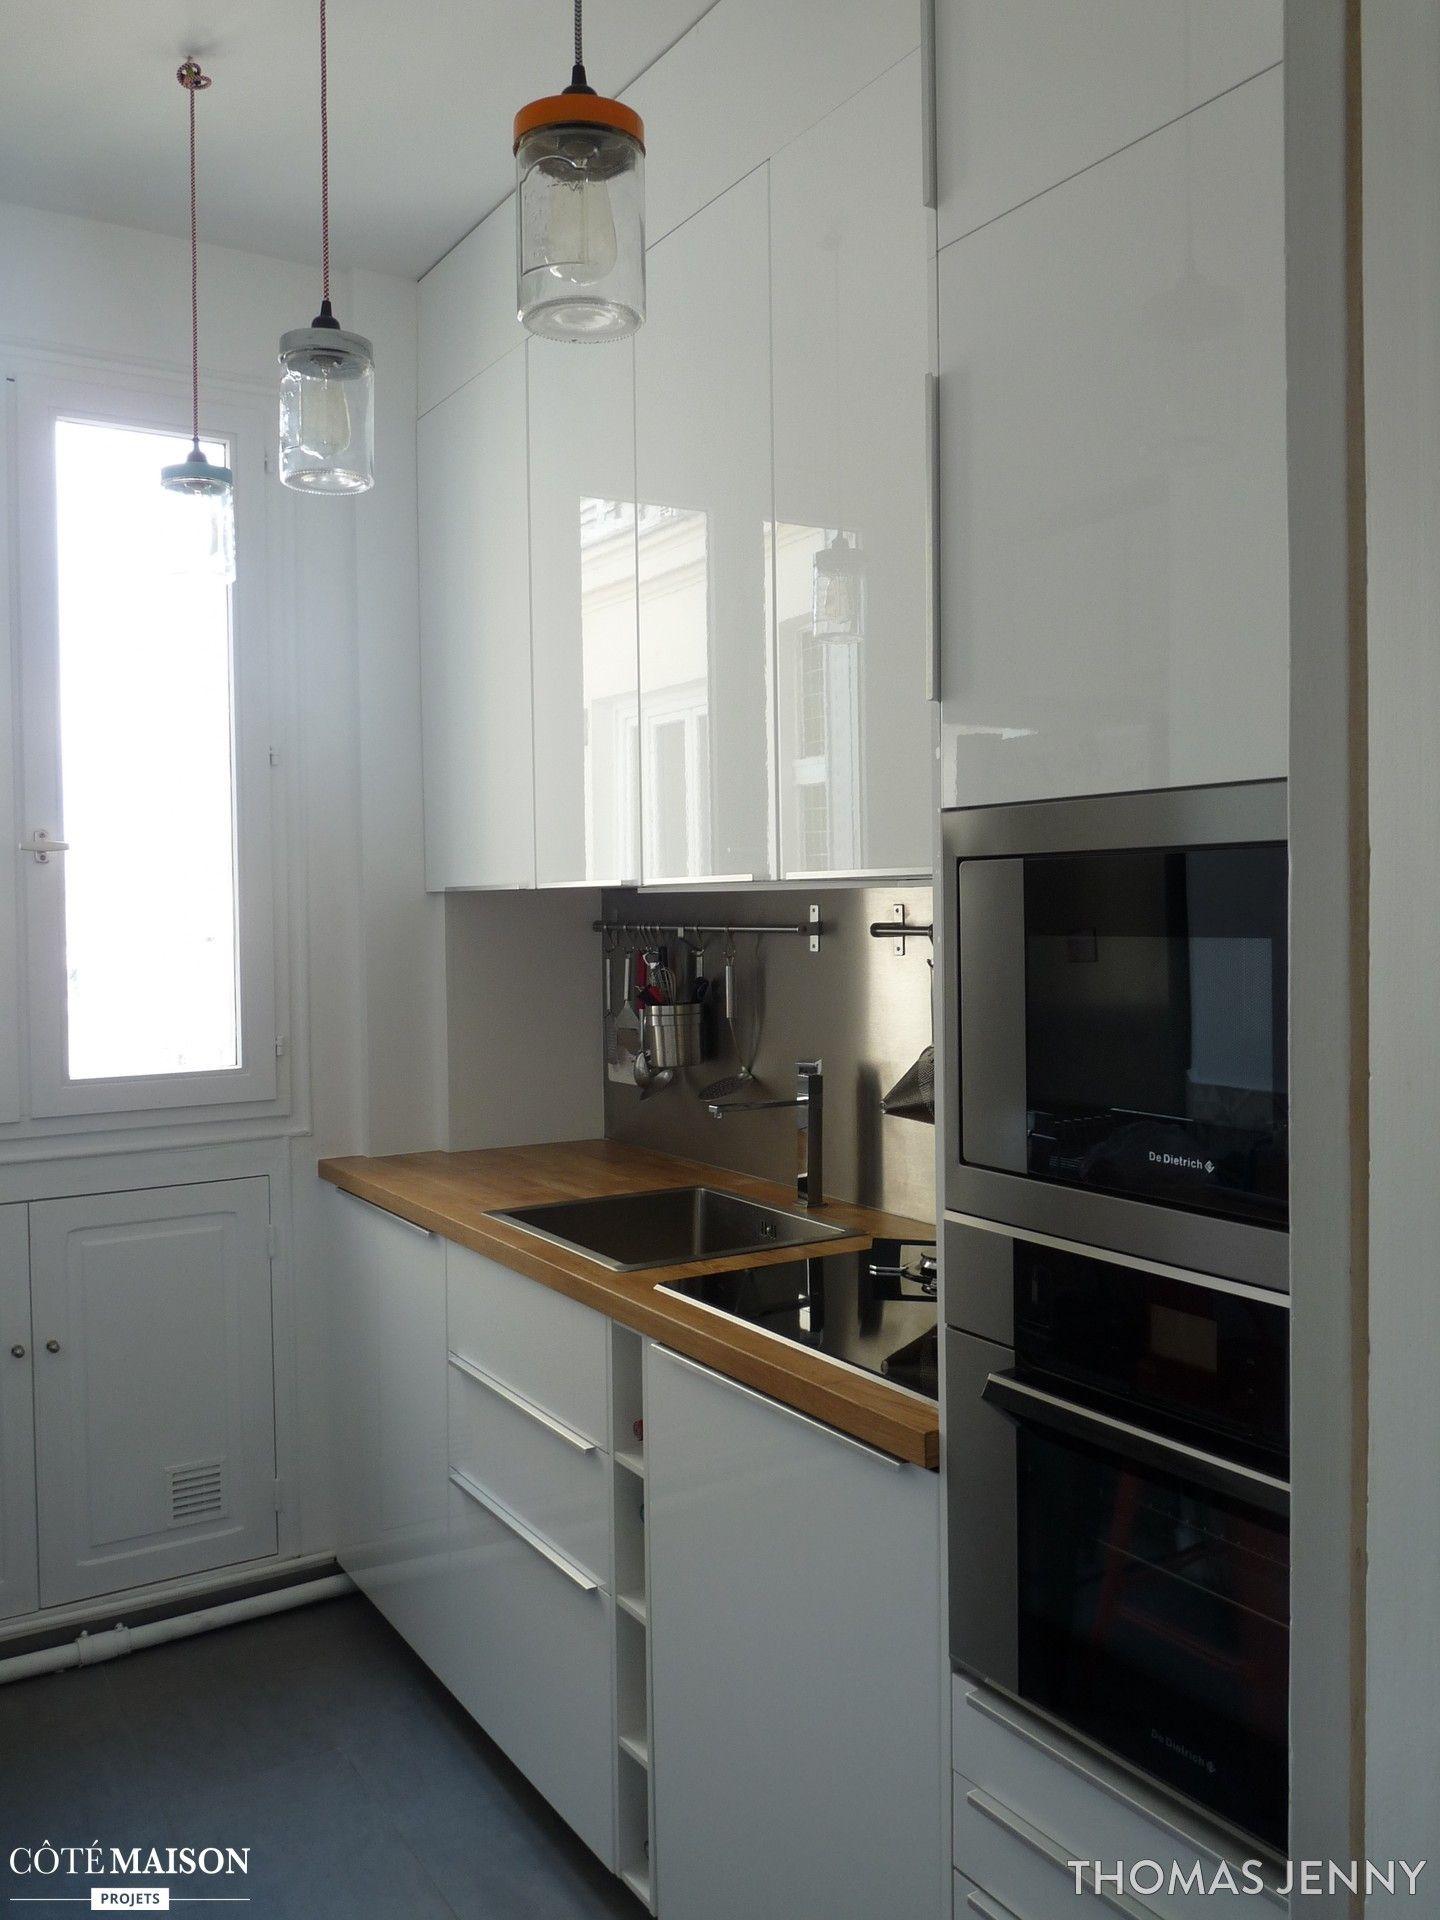 Petite Cuisine Fonctionnelle une petite cuisine fonctionnelle - avec des placards laqués tout en